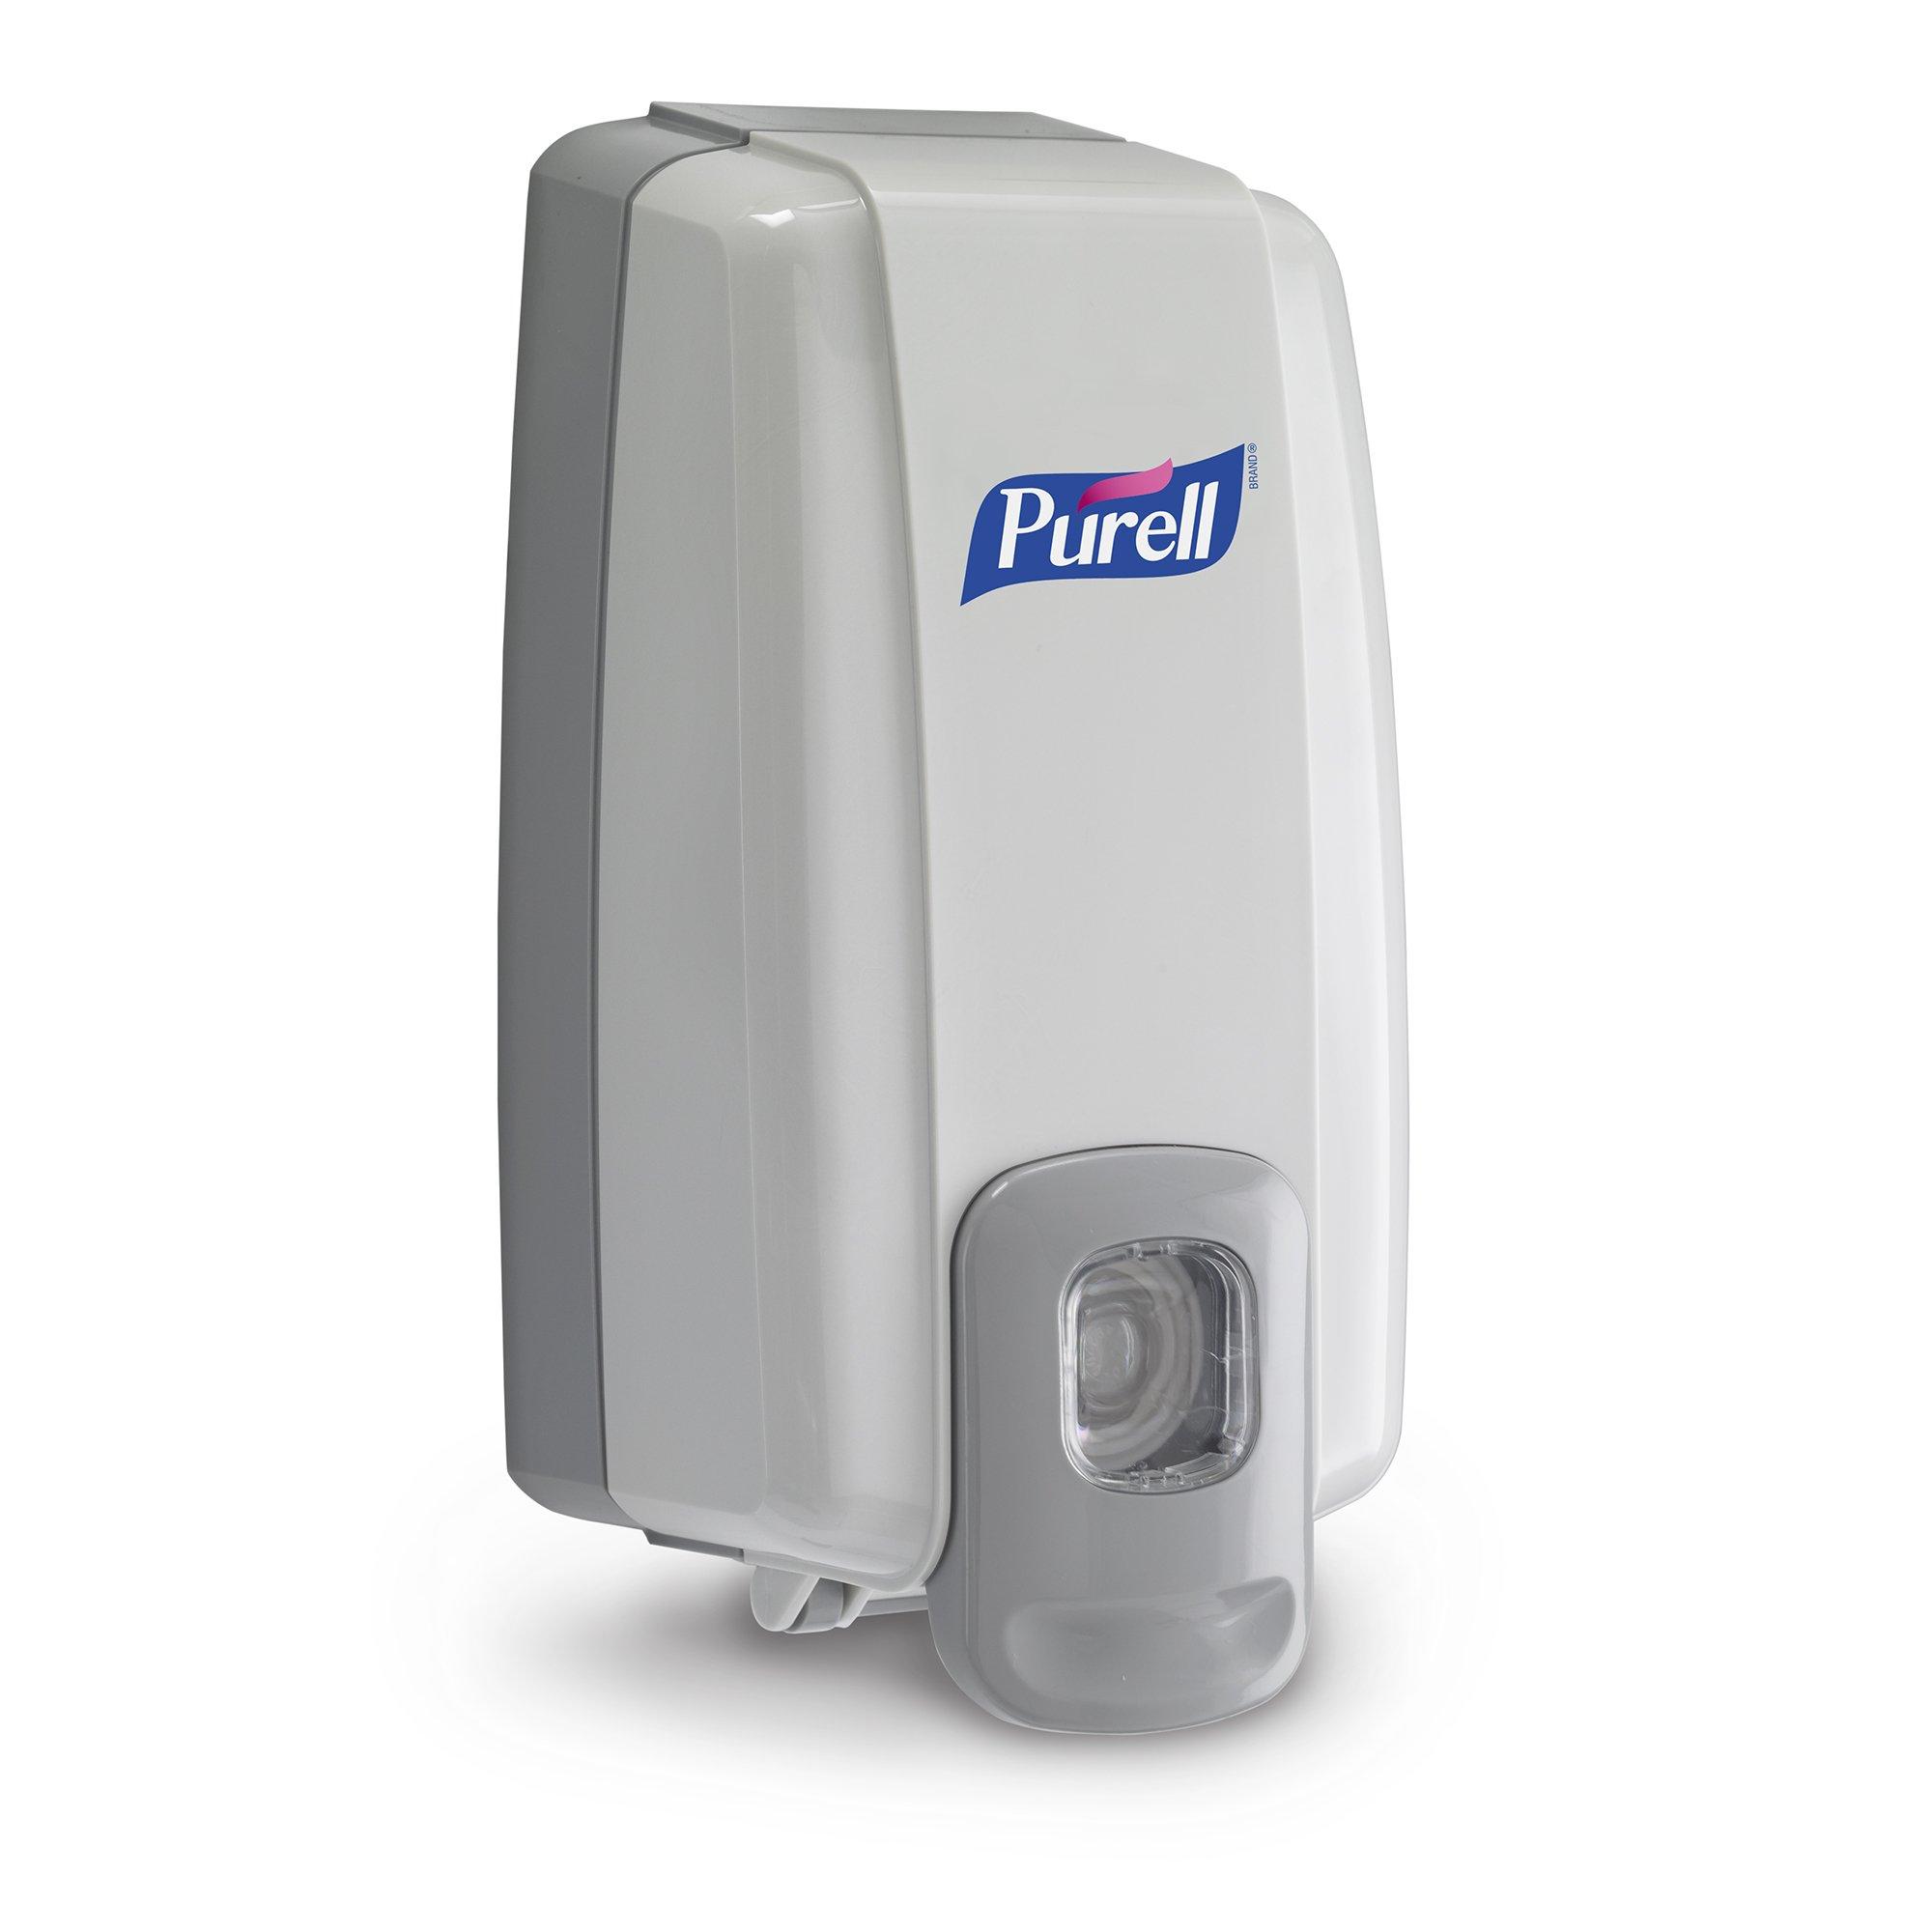 Purell Goj212006 Nxt Instant Hand Sanitizer Dispenser Dove Grey